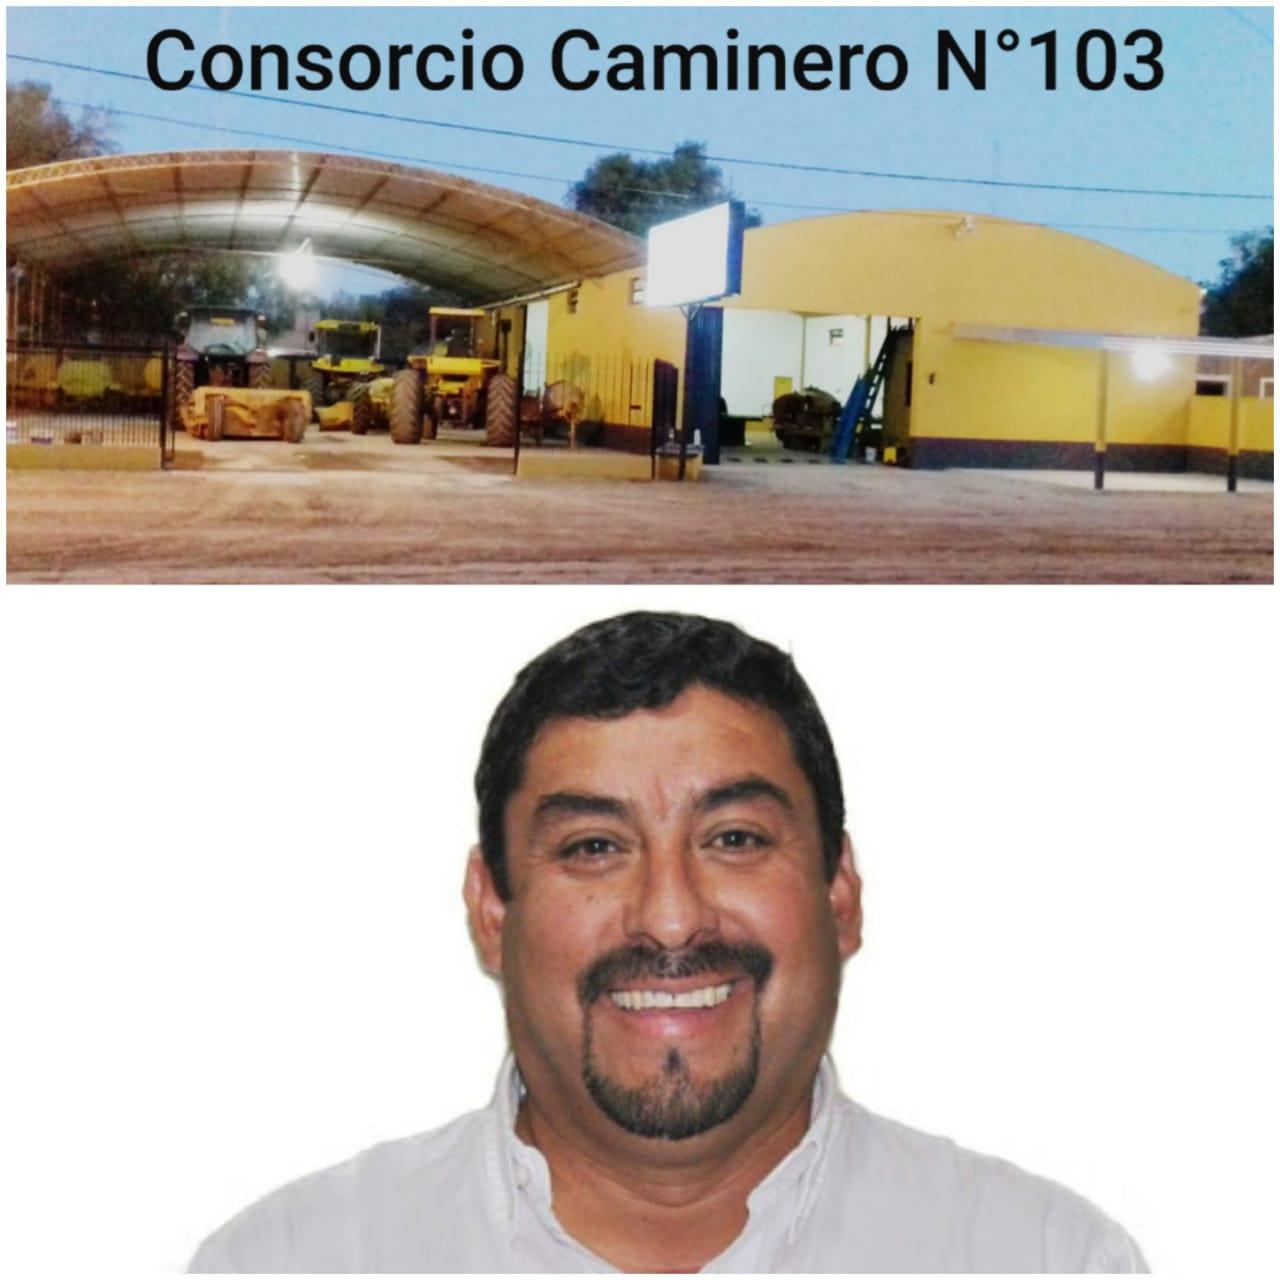 Fuerte Esperanza: Bulinky Correa y Taboada ahora van por el maletín del Consorcio Caminero Nº 103